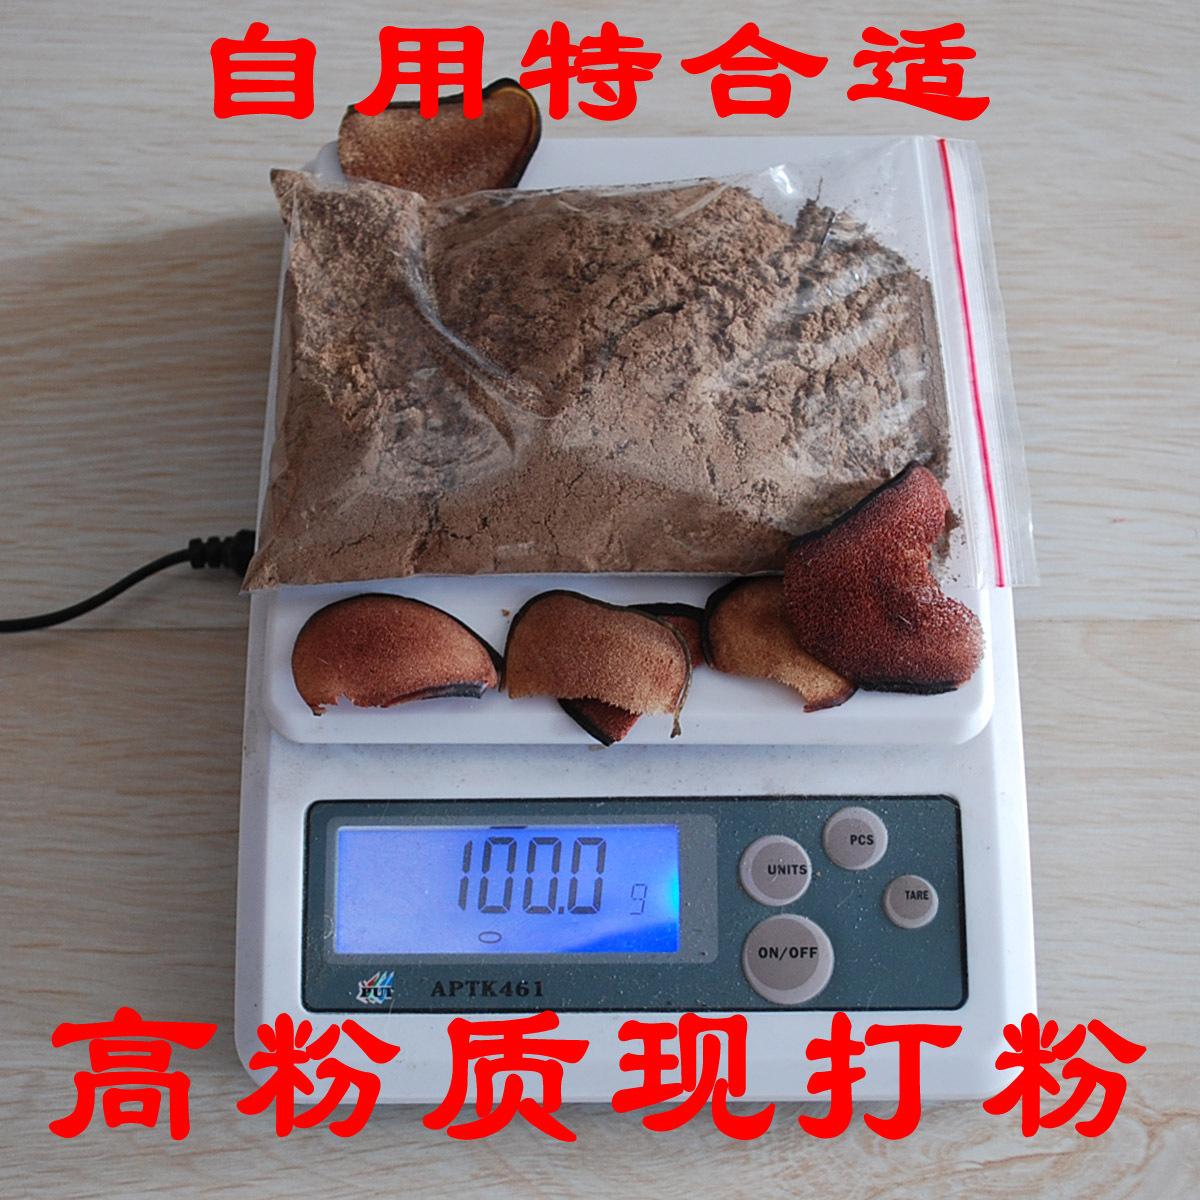 长白山红粉鹿茸片残碎片现打鹿茸粉可灌装胶囊200元/件(100克)